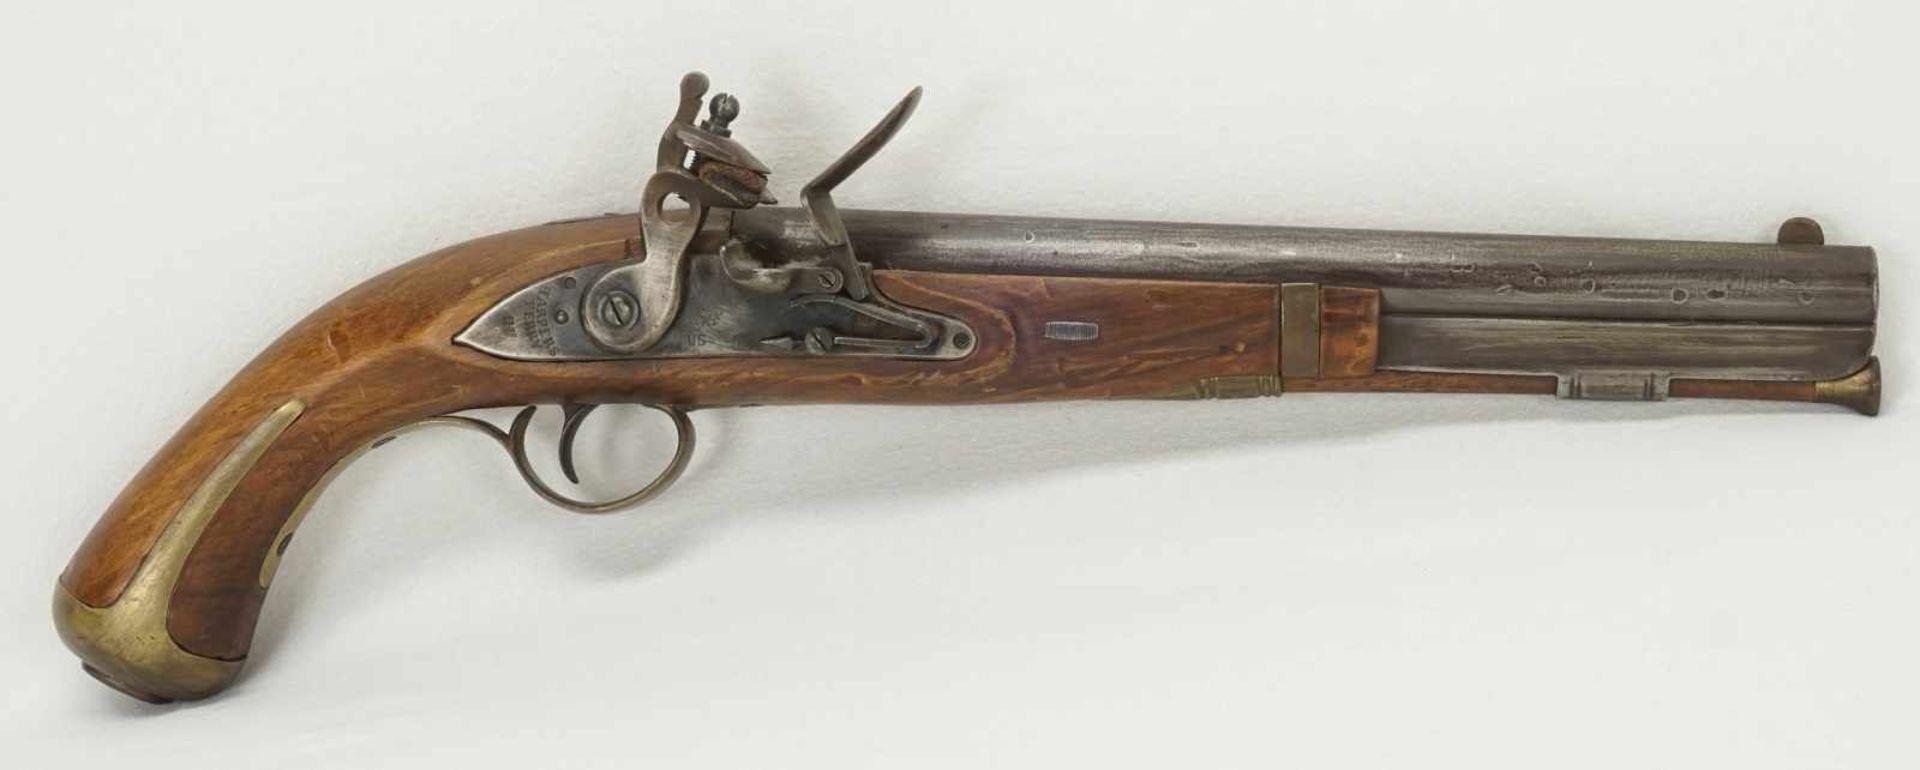 Steinschlosspistole Harpers Ferry M 1807